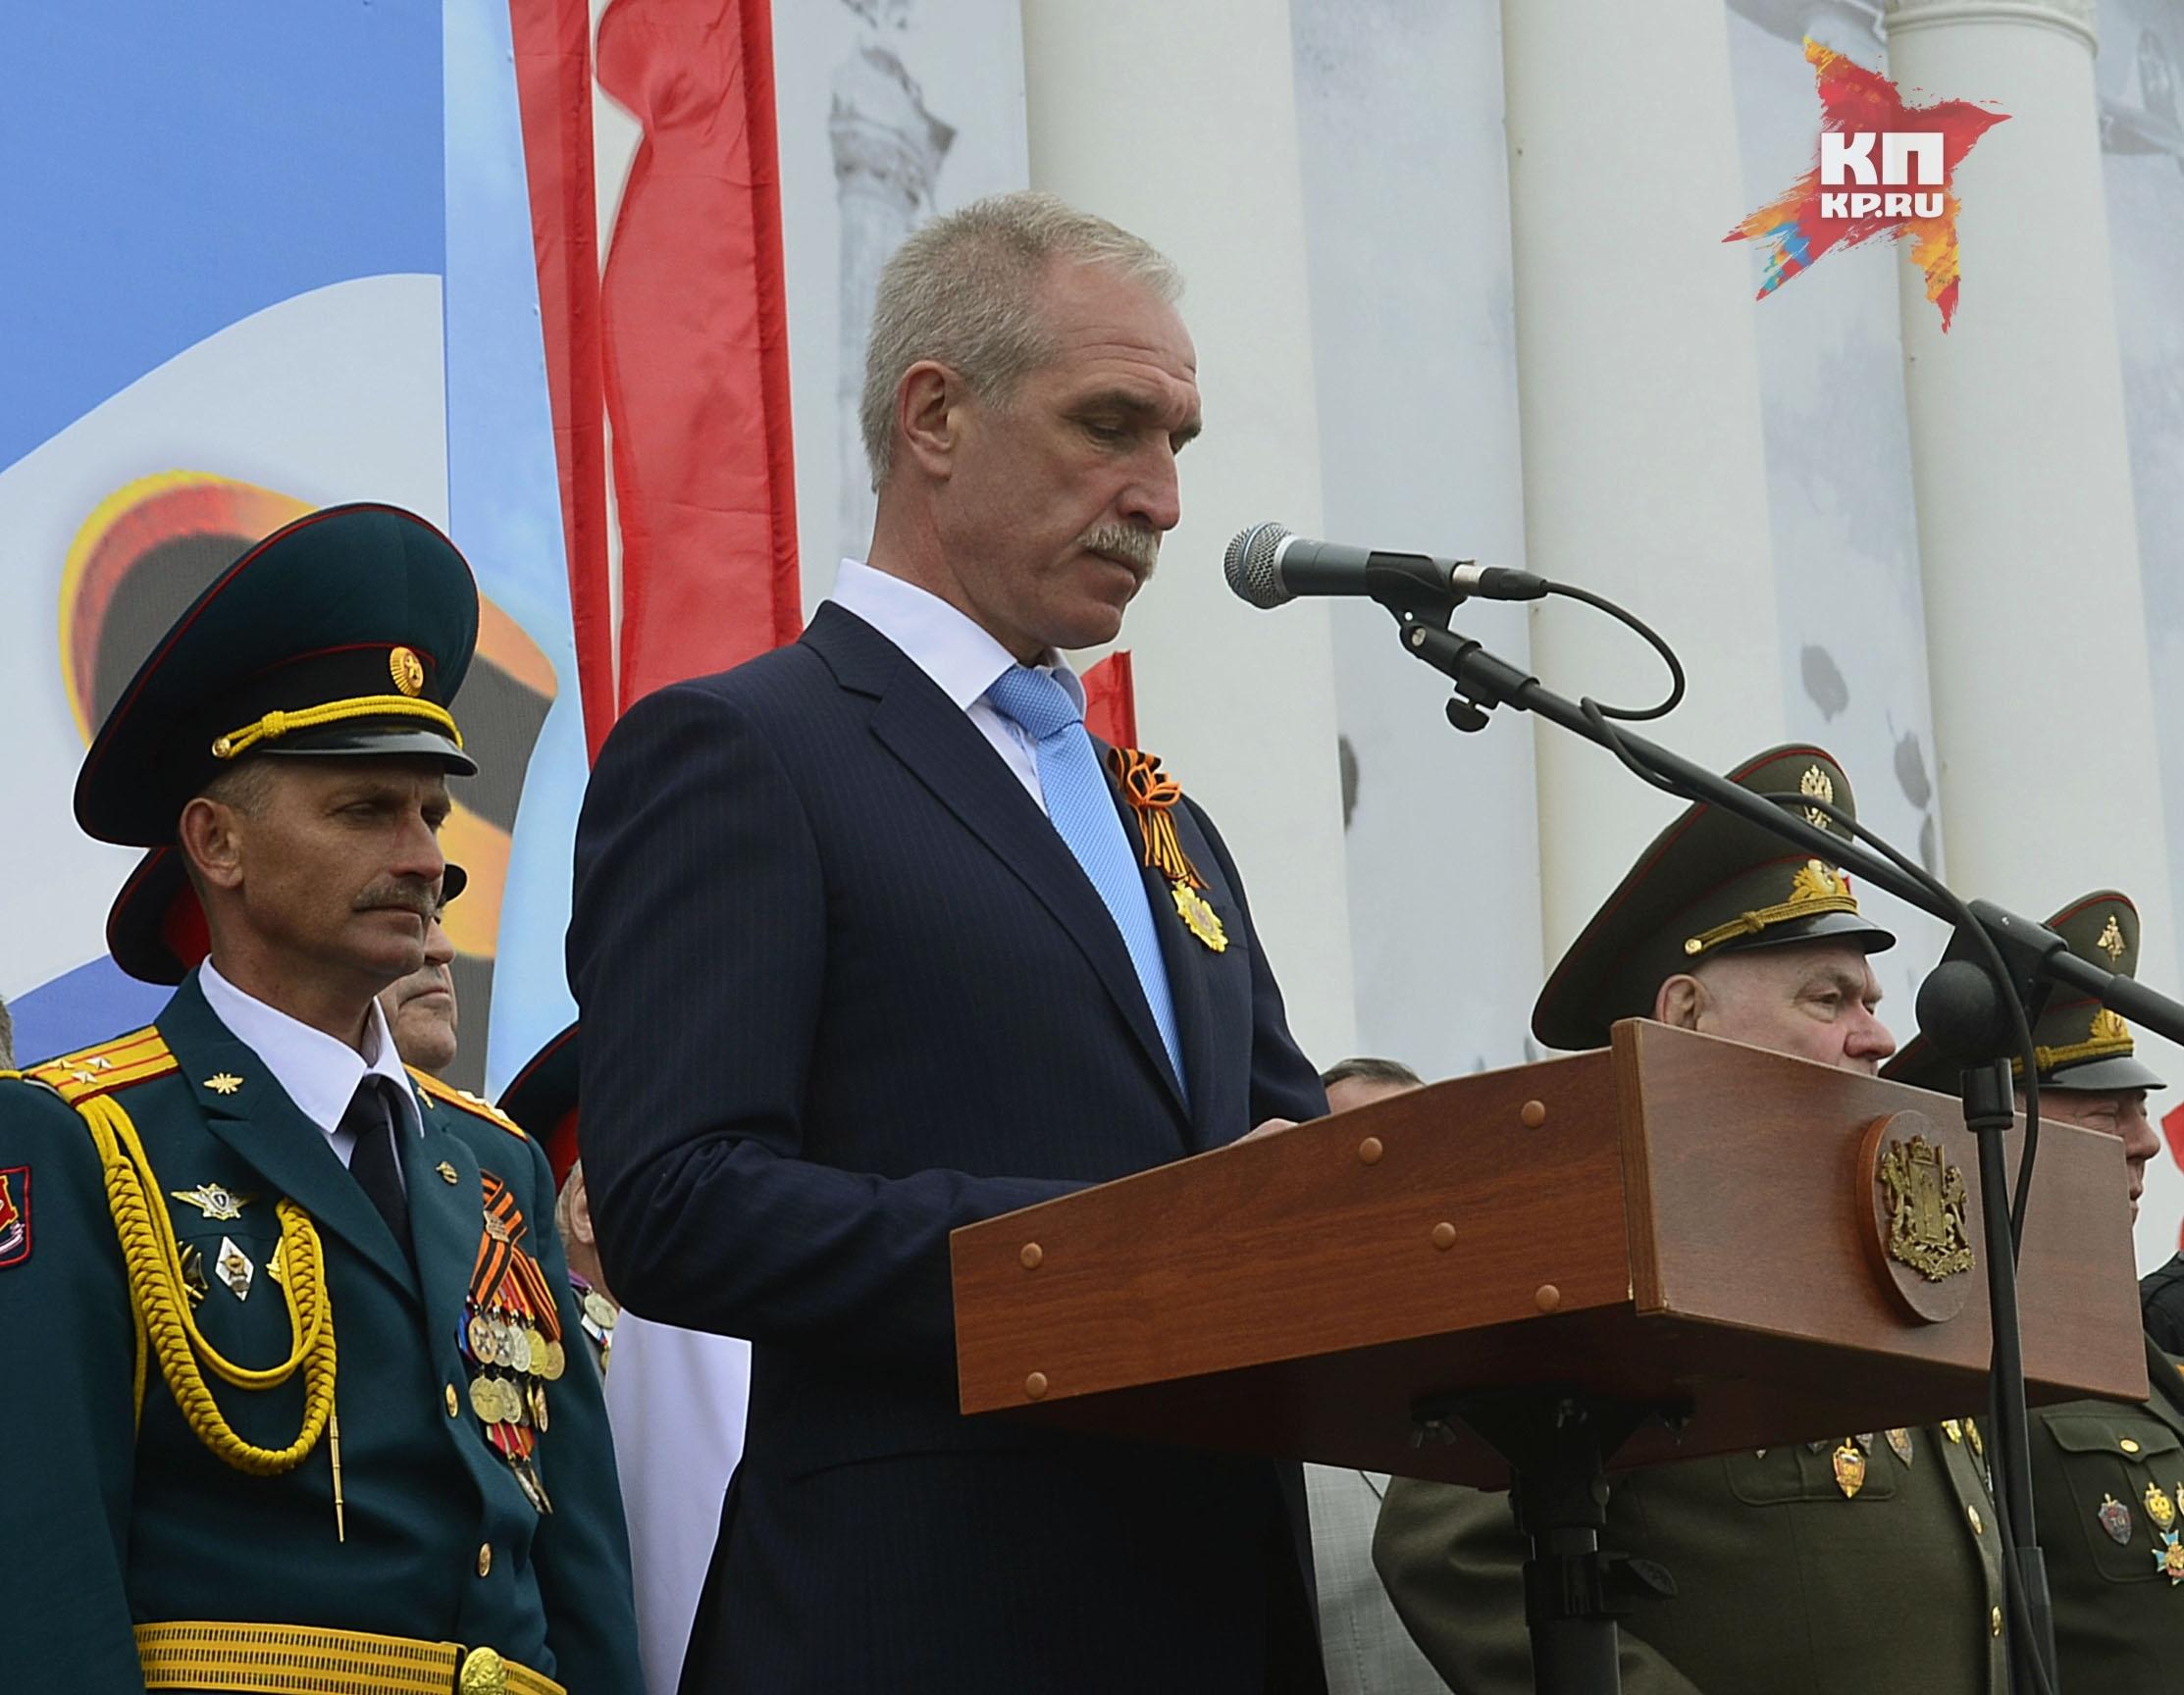 Сергей Морозов стал губернатором Ульяновской области